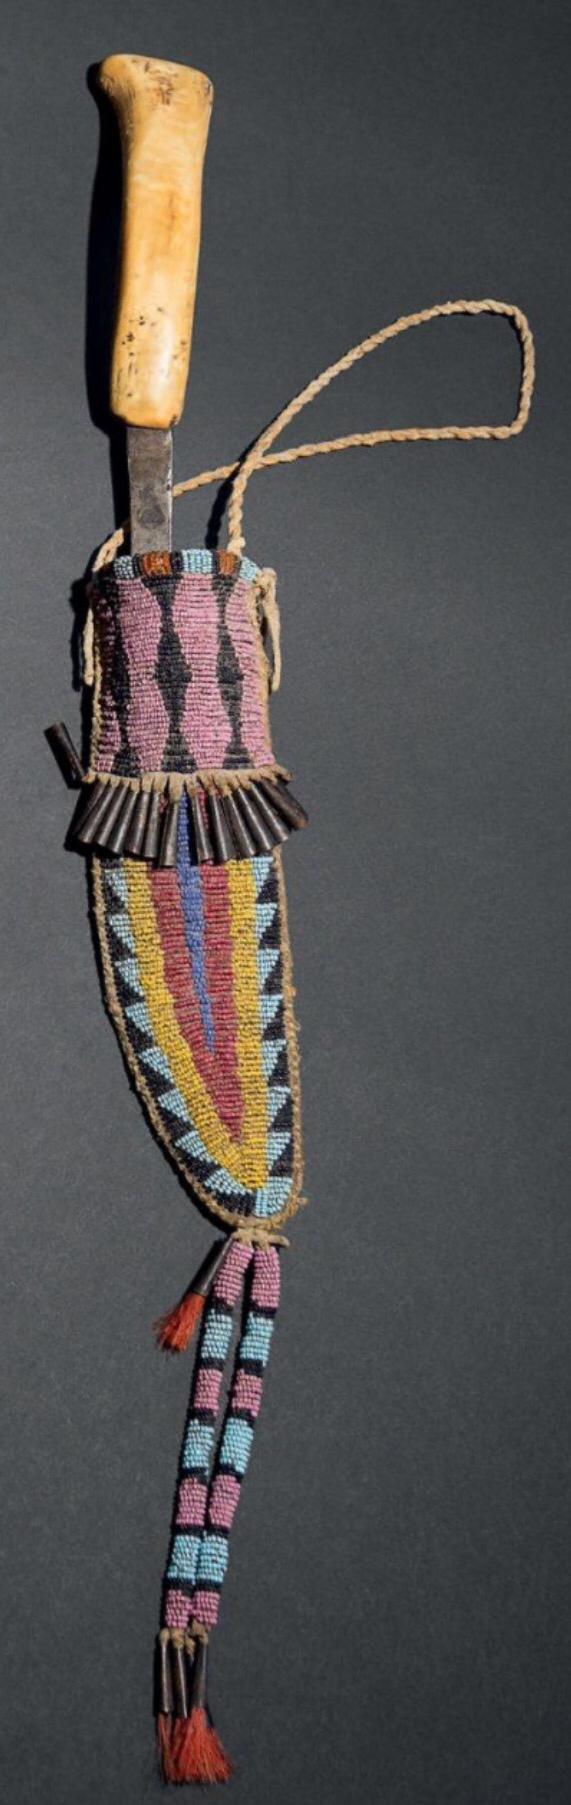 Нож и ножны, Кроу. Период 1880.  Кожа, бисер - ленивый стежок, железо, конский волос, окрашенный красным, конусы. Длина: 42,5 см. Из Коллекции Mario Luraschi. Короткий ремешок, позволяющий носить его на поясе. Нож состоит из длинного лезвия с ручкой из кости, форма лезвия может быть заимствована у древних лезвий из камня. Binoche et giquello. Декабрь 2013.